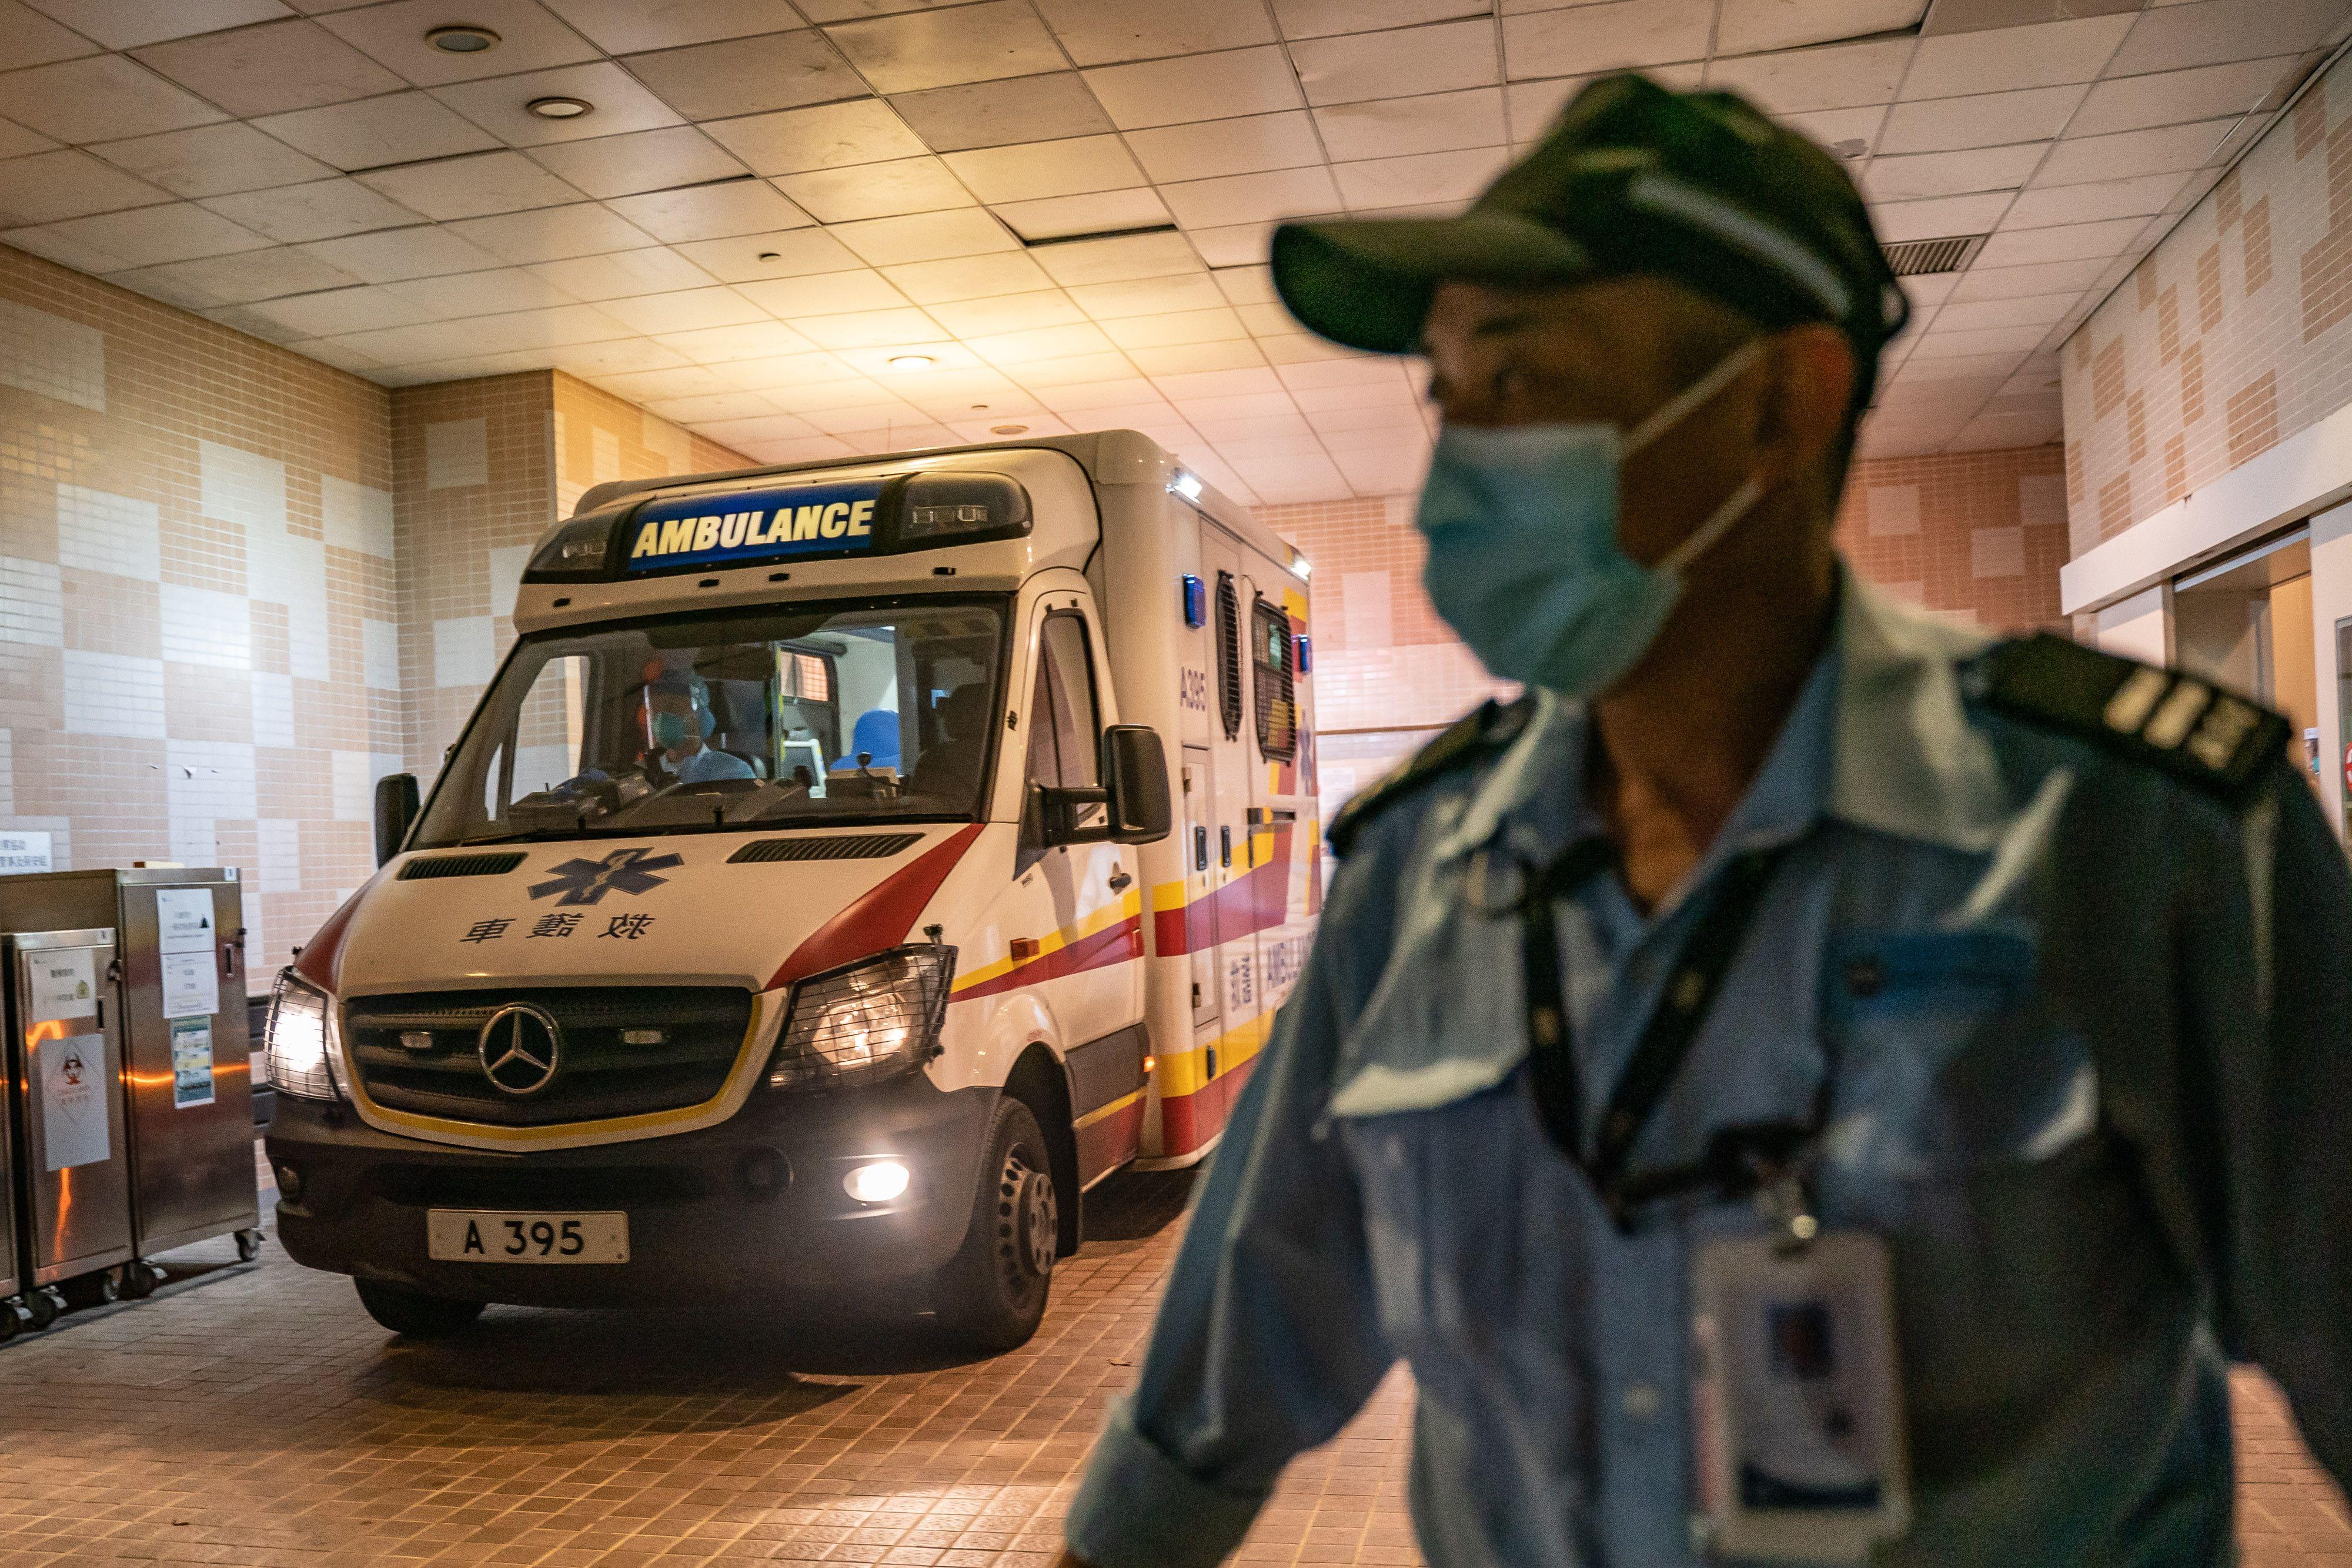 Echipa internațională de cercetători OMS a ajuns la Wuhan pentru a investiga originea coronavirusului